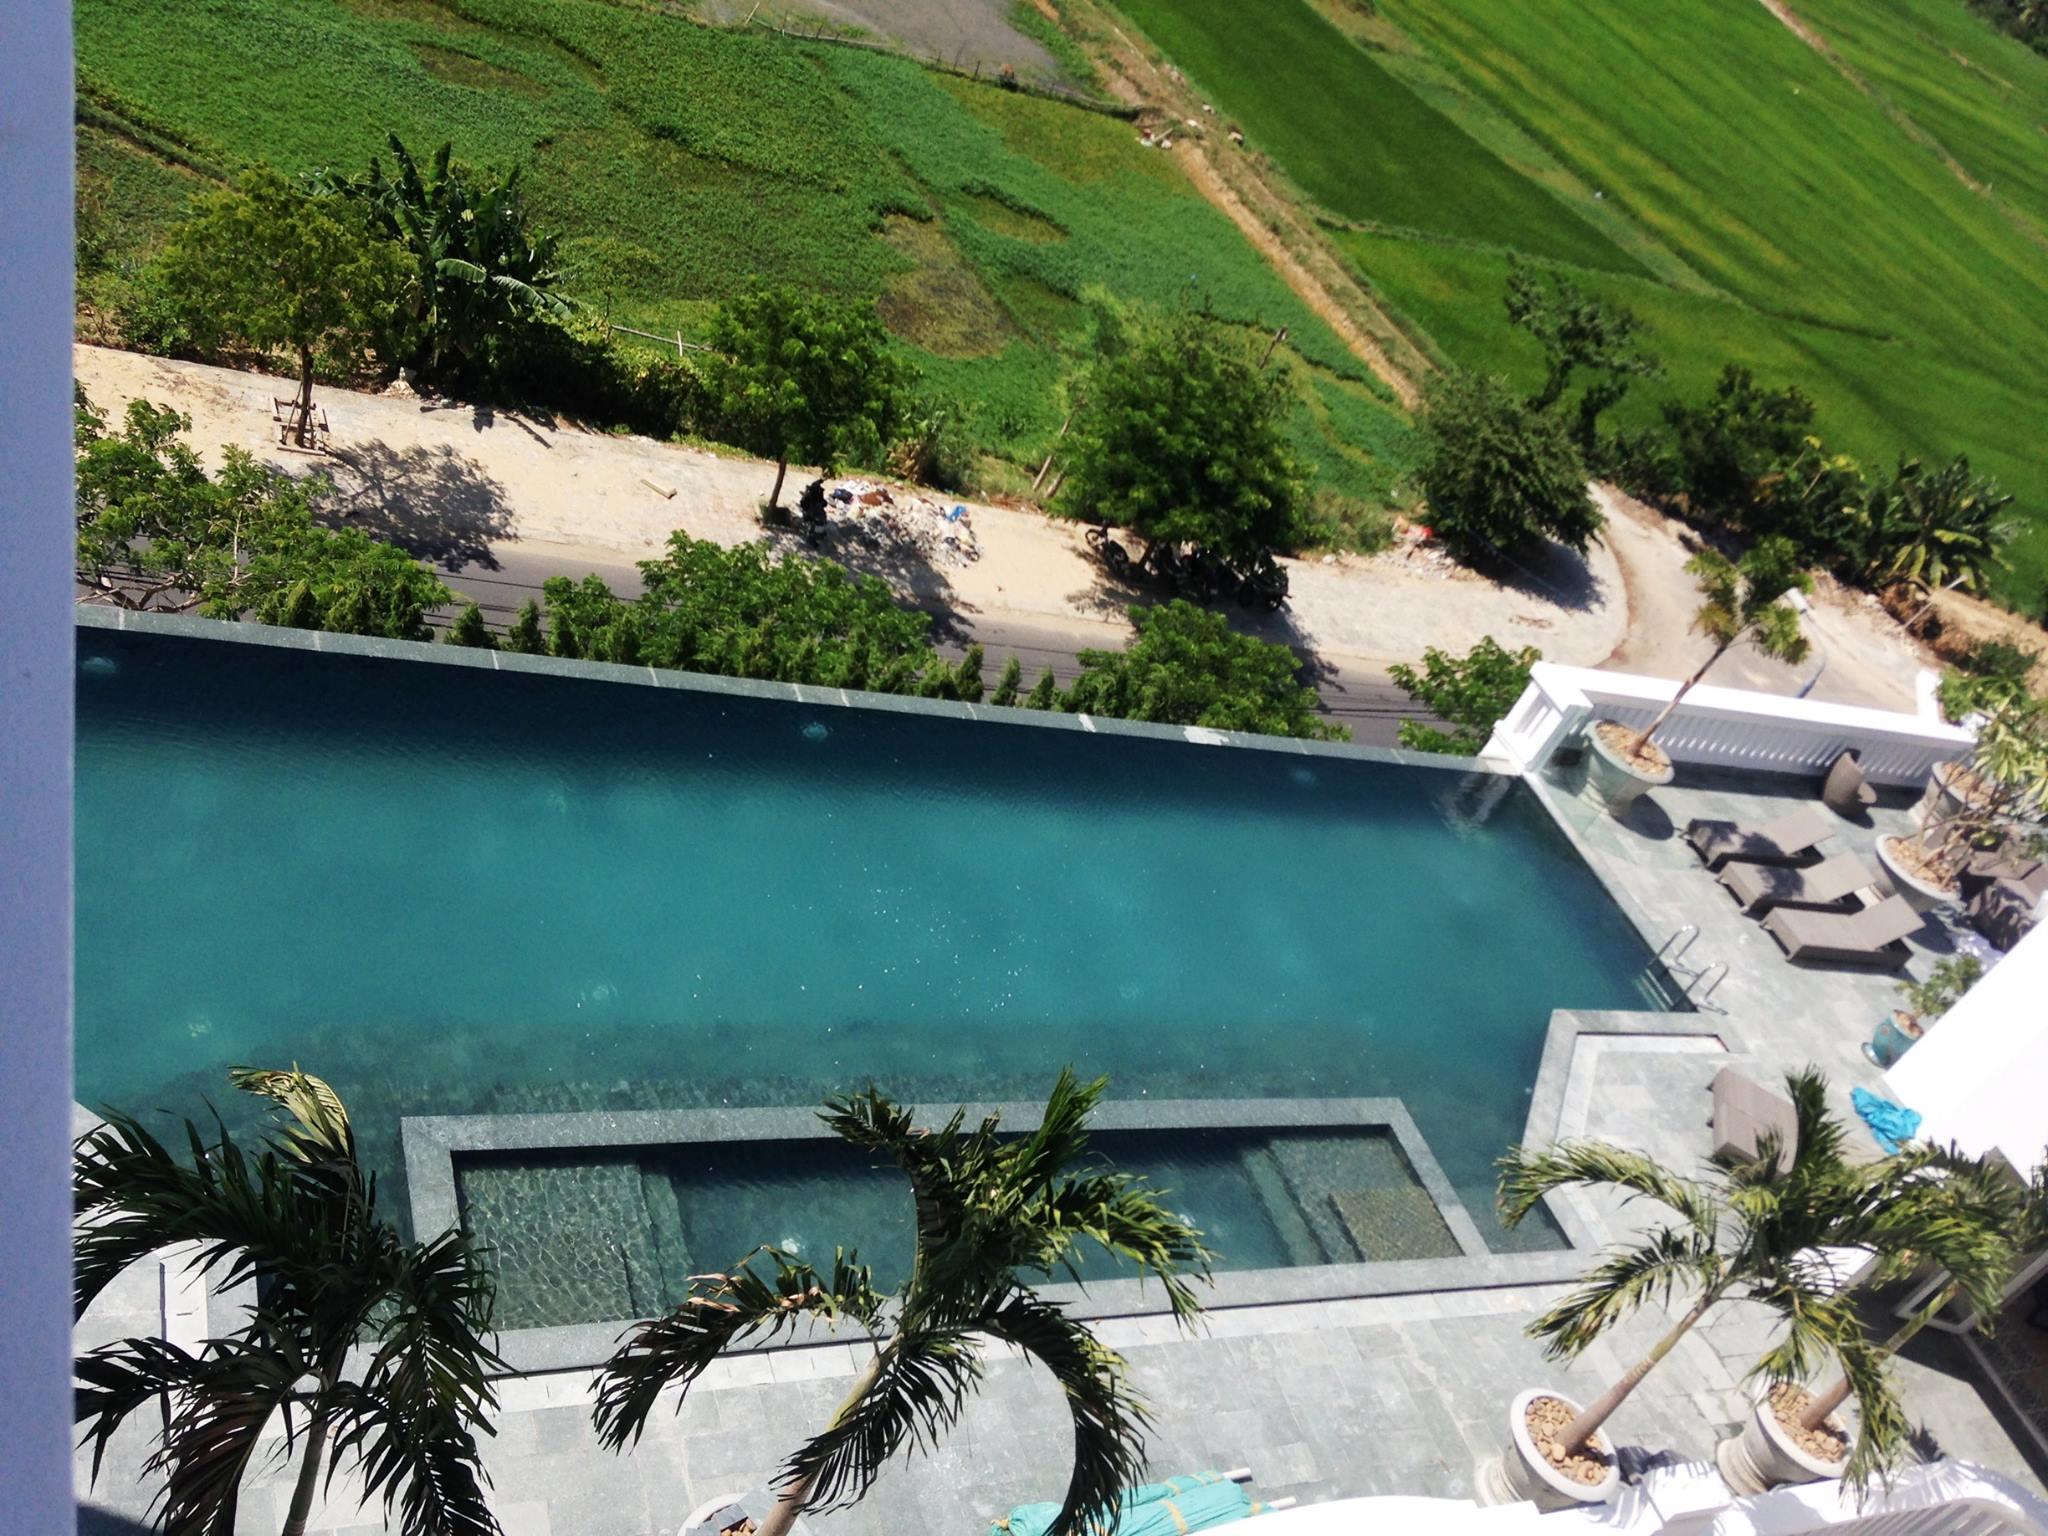 bể bơi ngoài trời lớn nhất Việt Nam tại Vĩnh Phúc